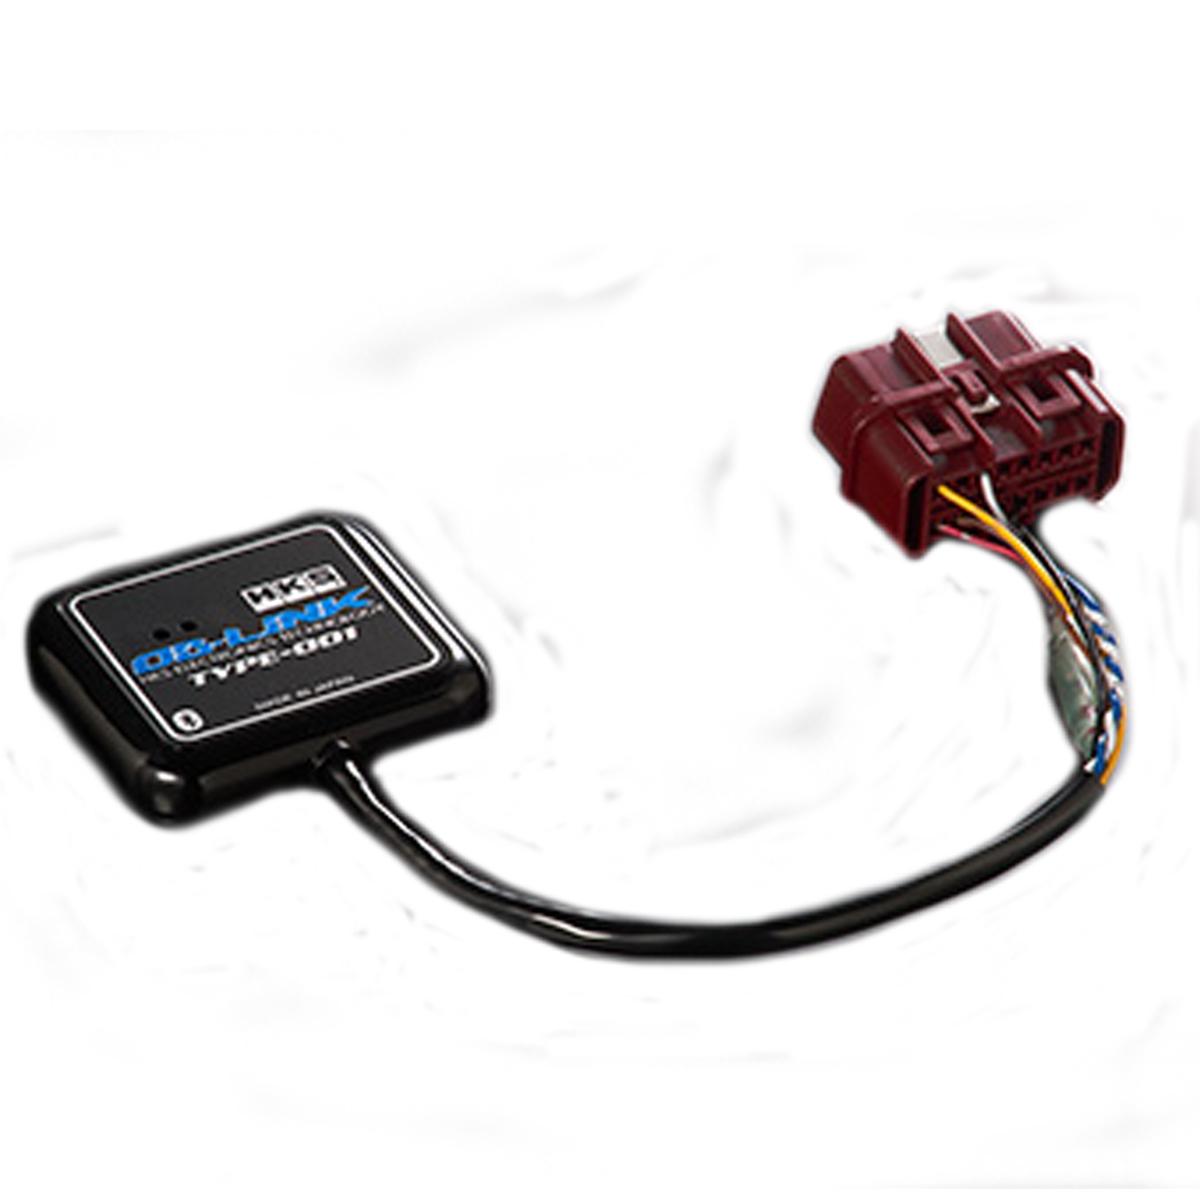 フォルクス ワーゲン モニター OBリンク タイプ 001 1KBLG HKS 44009-AK002 エレクトリニクス 個人宅発送追金有